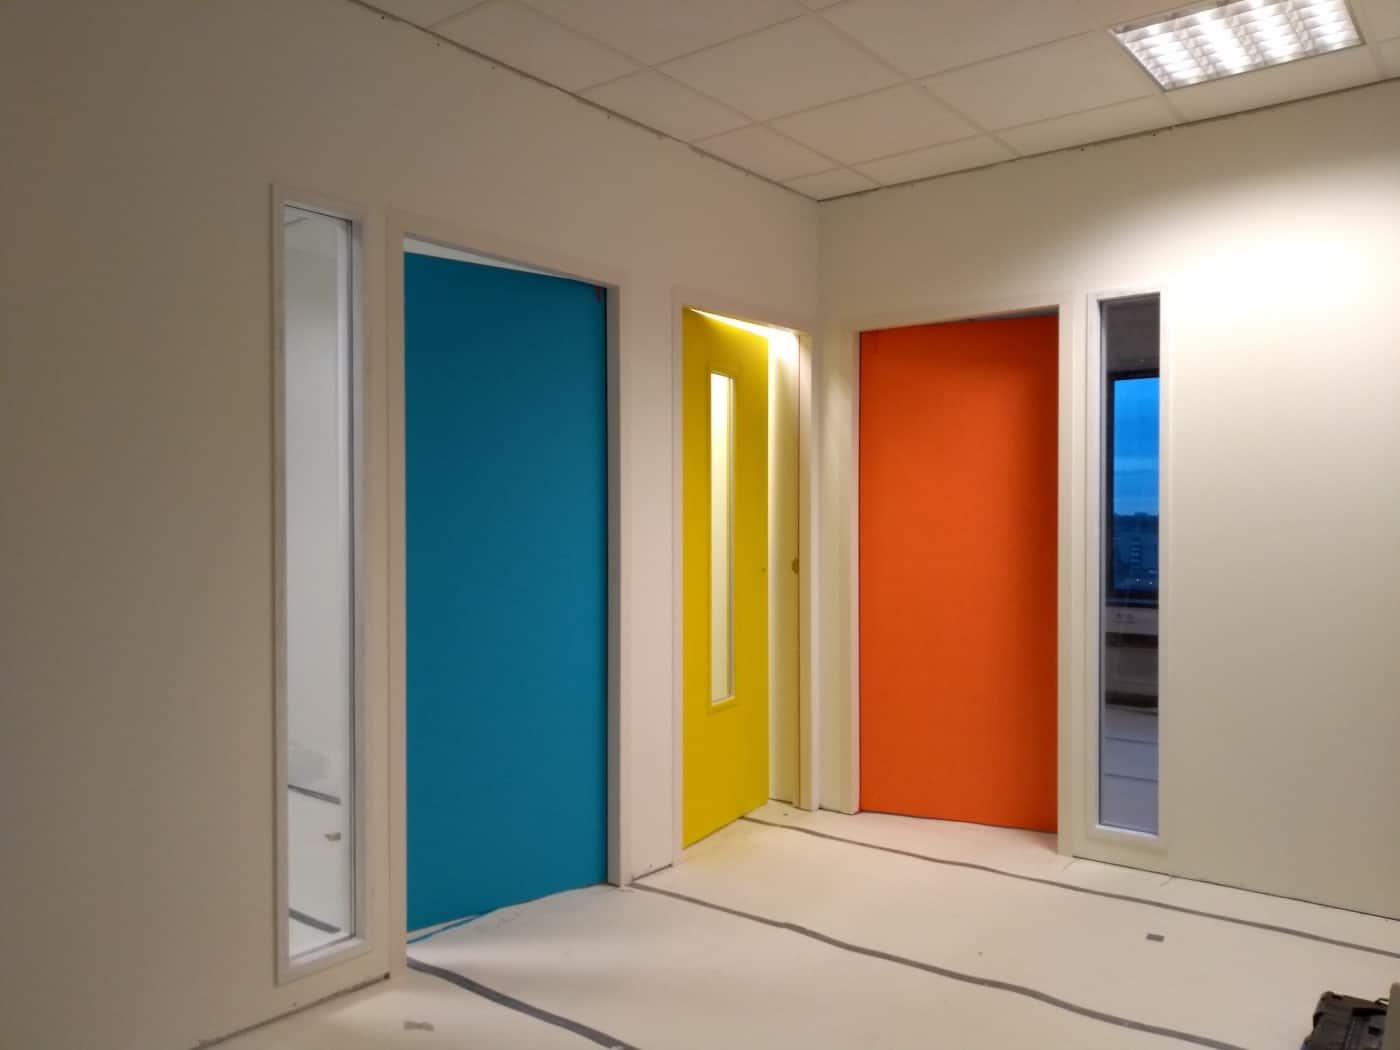 Metalstudwand met deuren in RAL-kleur Rotterdam